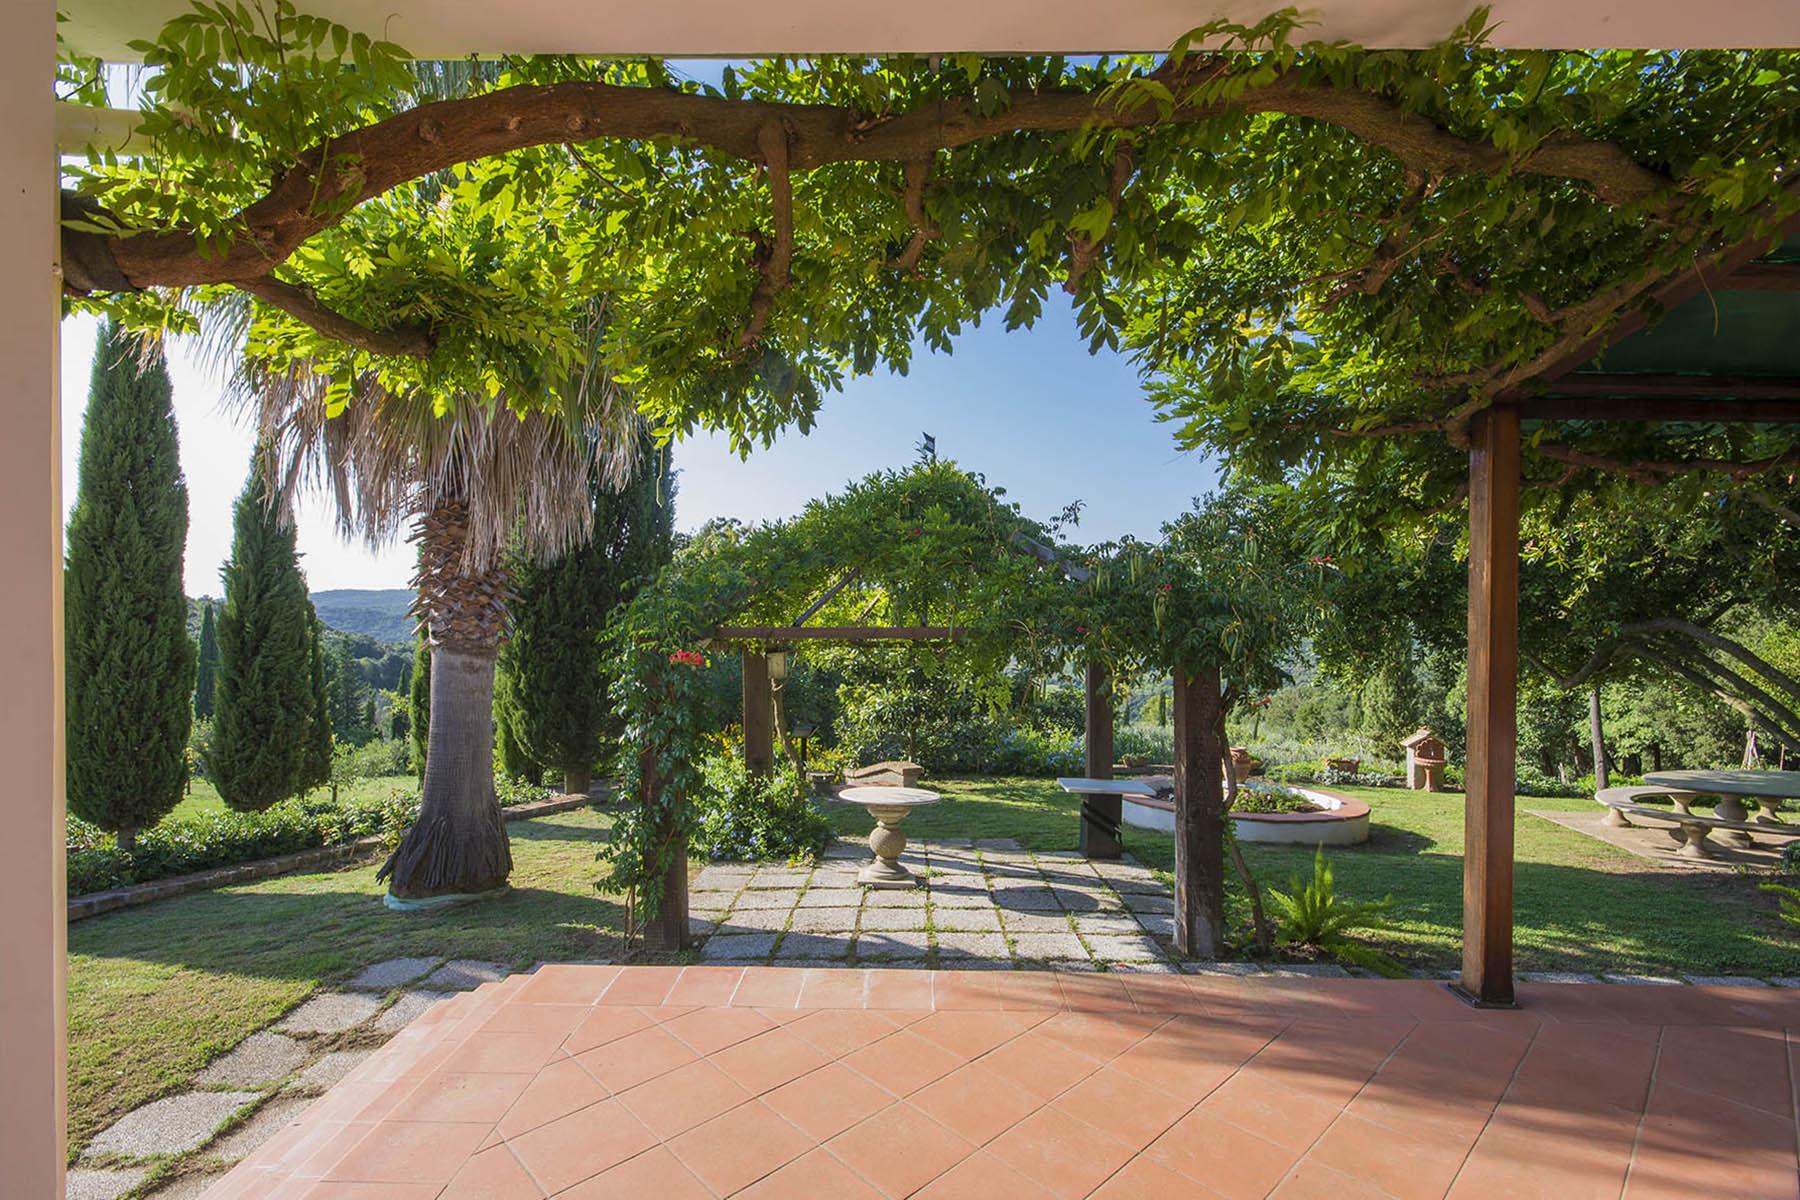 Villa in Vendita a Rosignano Marittimo: 5 locali, 450 mq - Foto 9